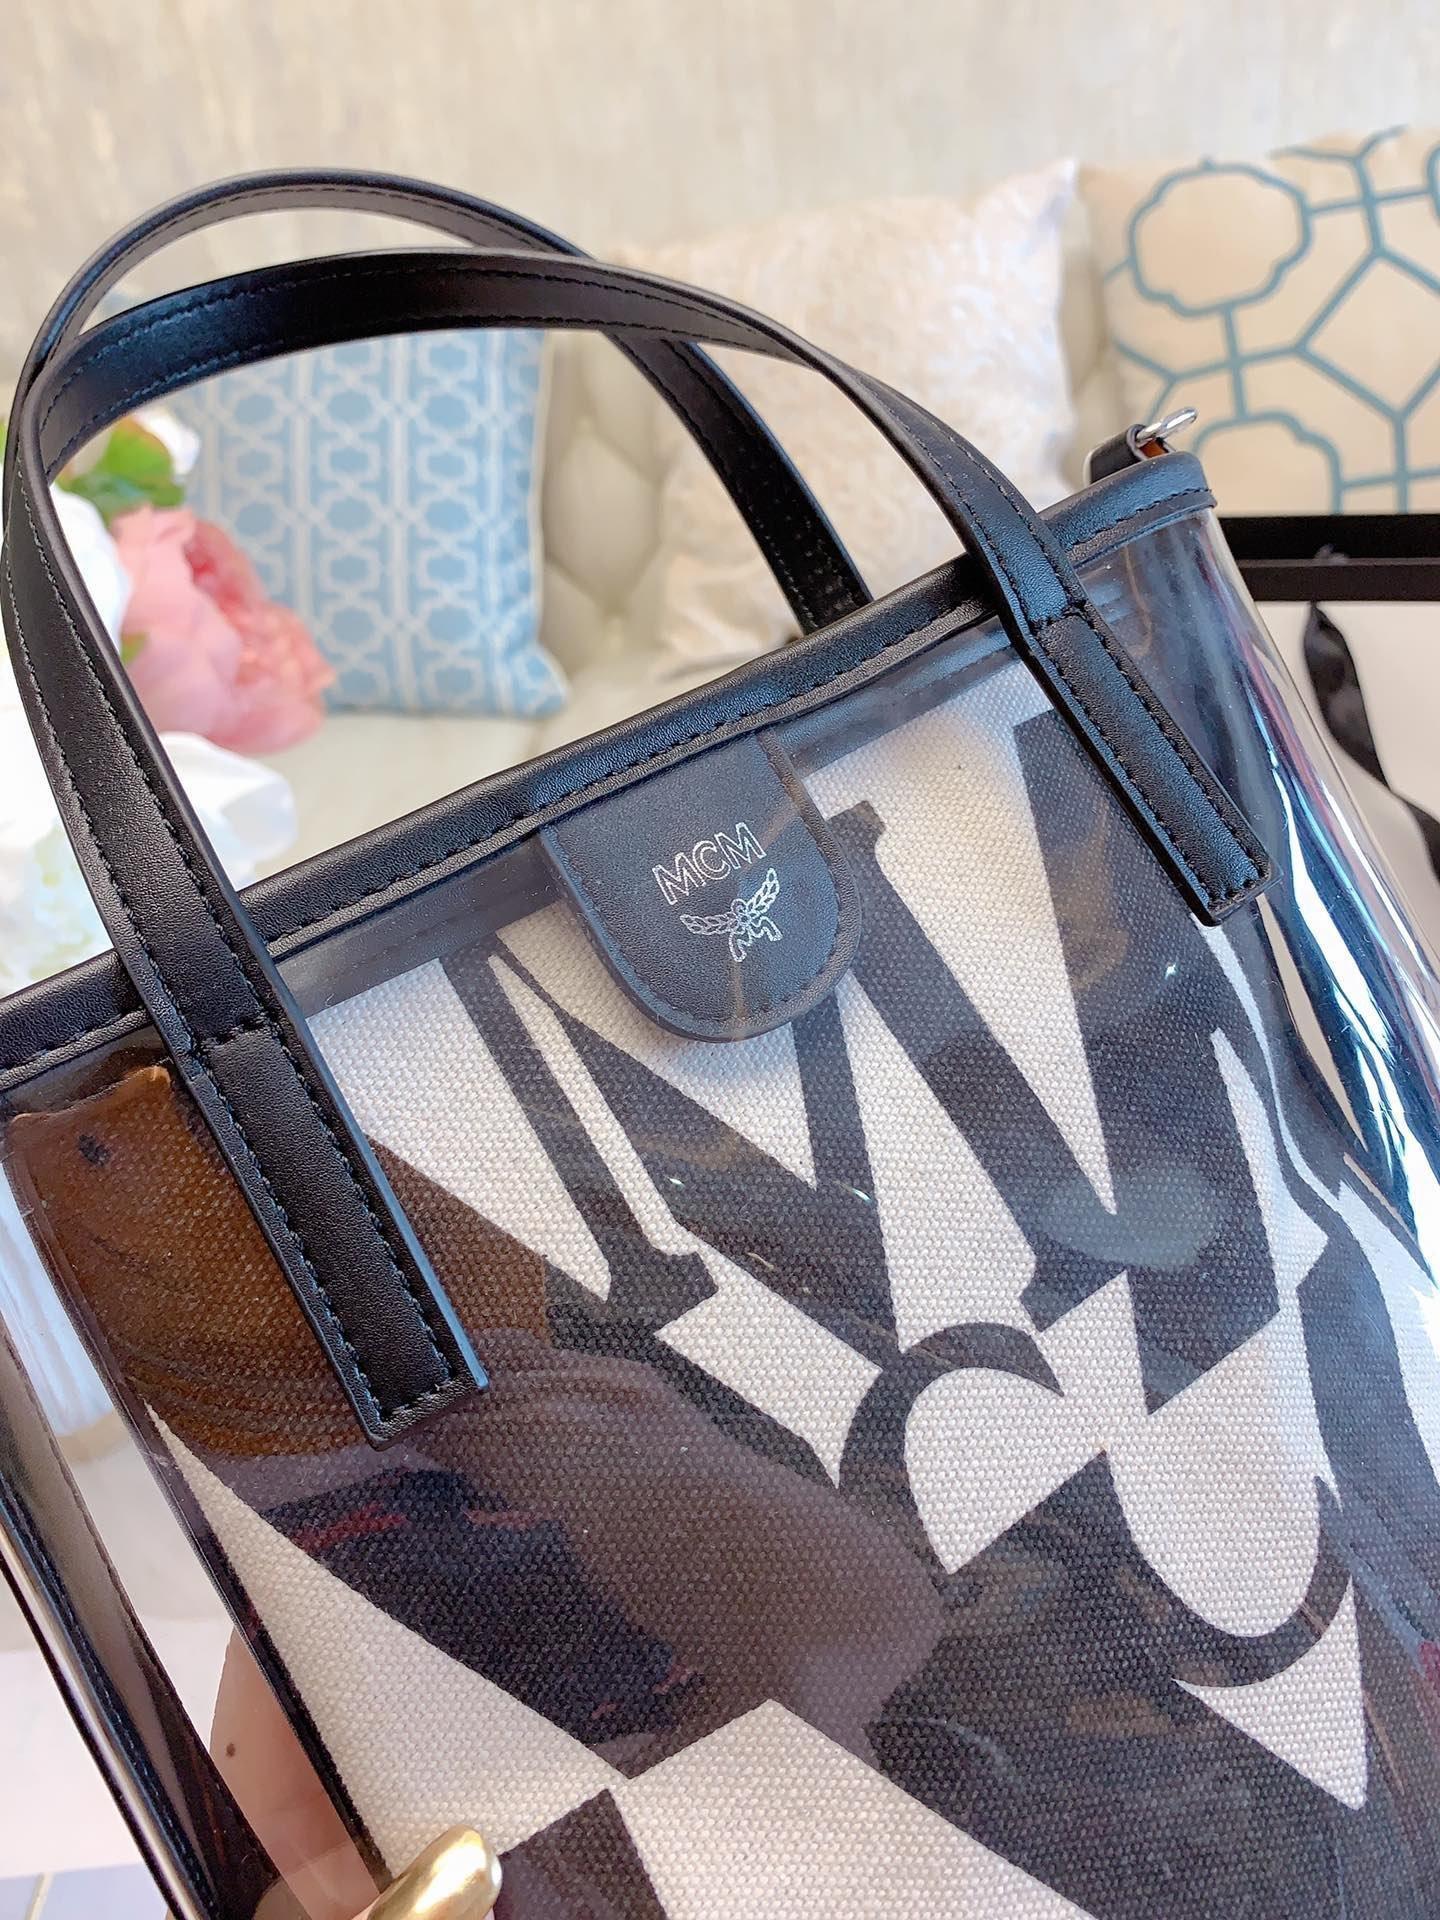 qualidade sacos principais bolsas mulheres mulheres bolsas bolsas totes quente melhor vender grátis 7AGZ transporte